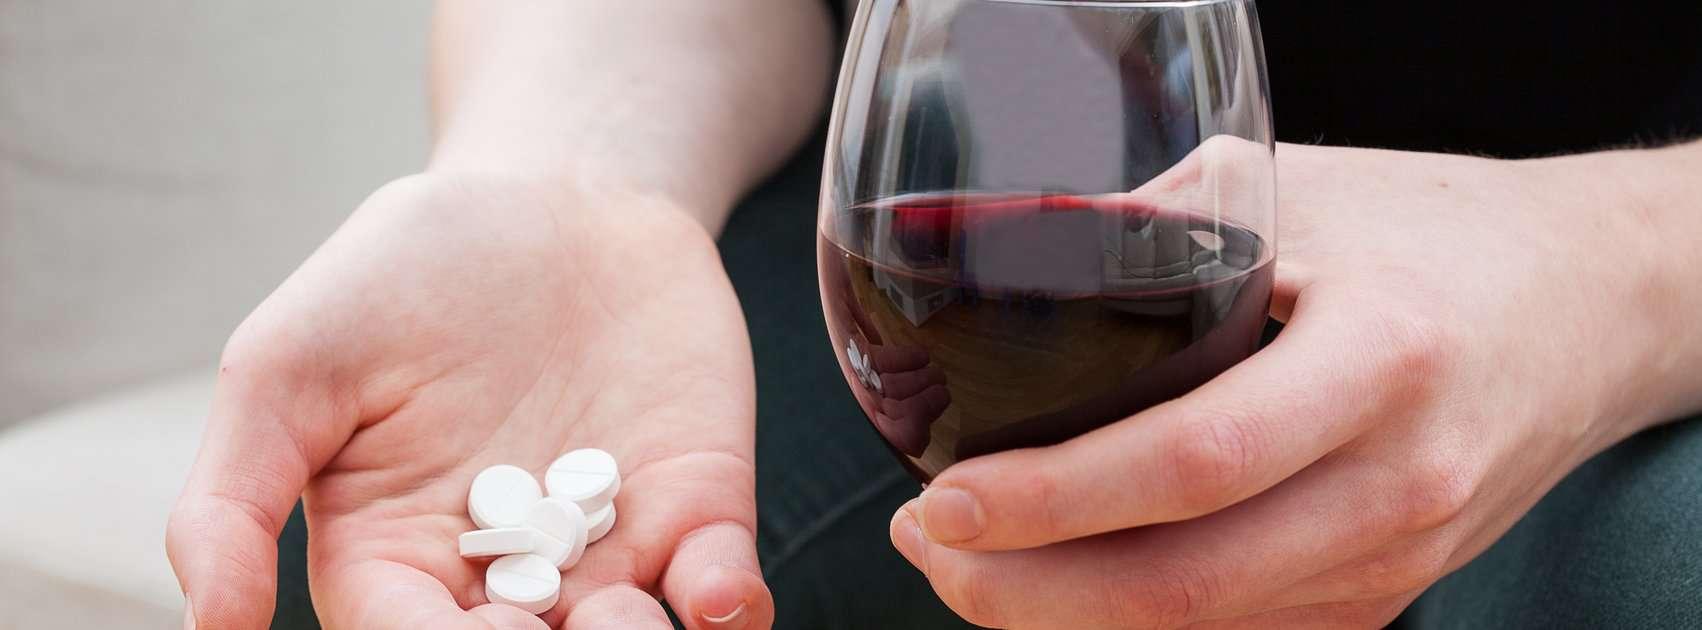 femme avec un verre de vin et des médicaments